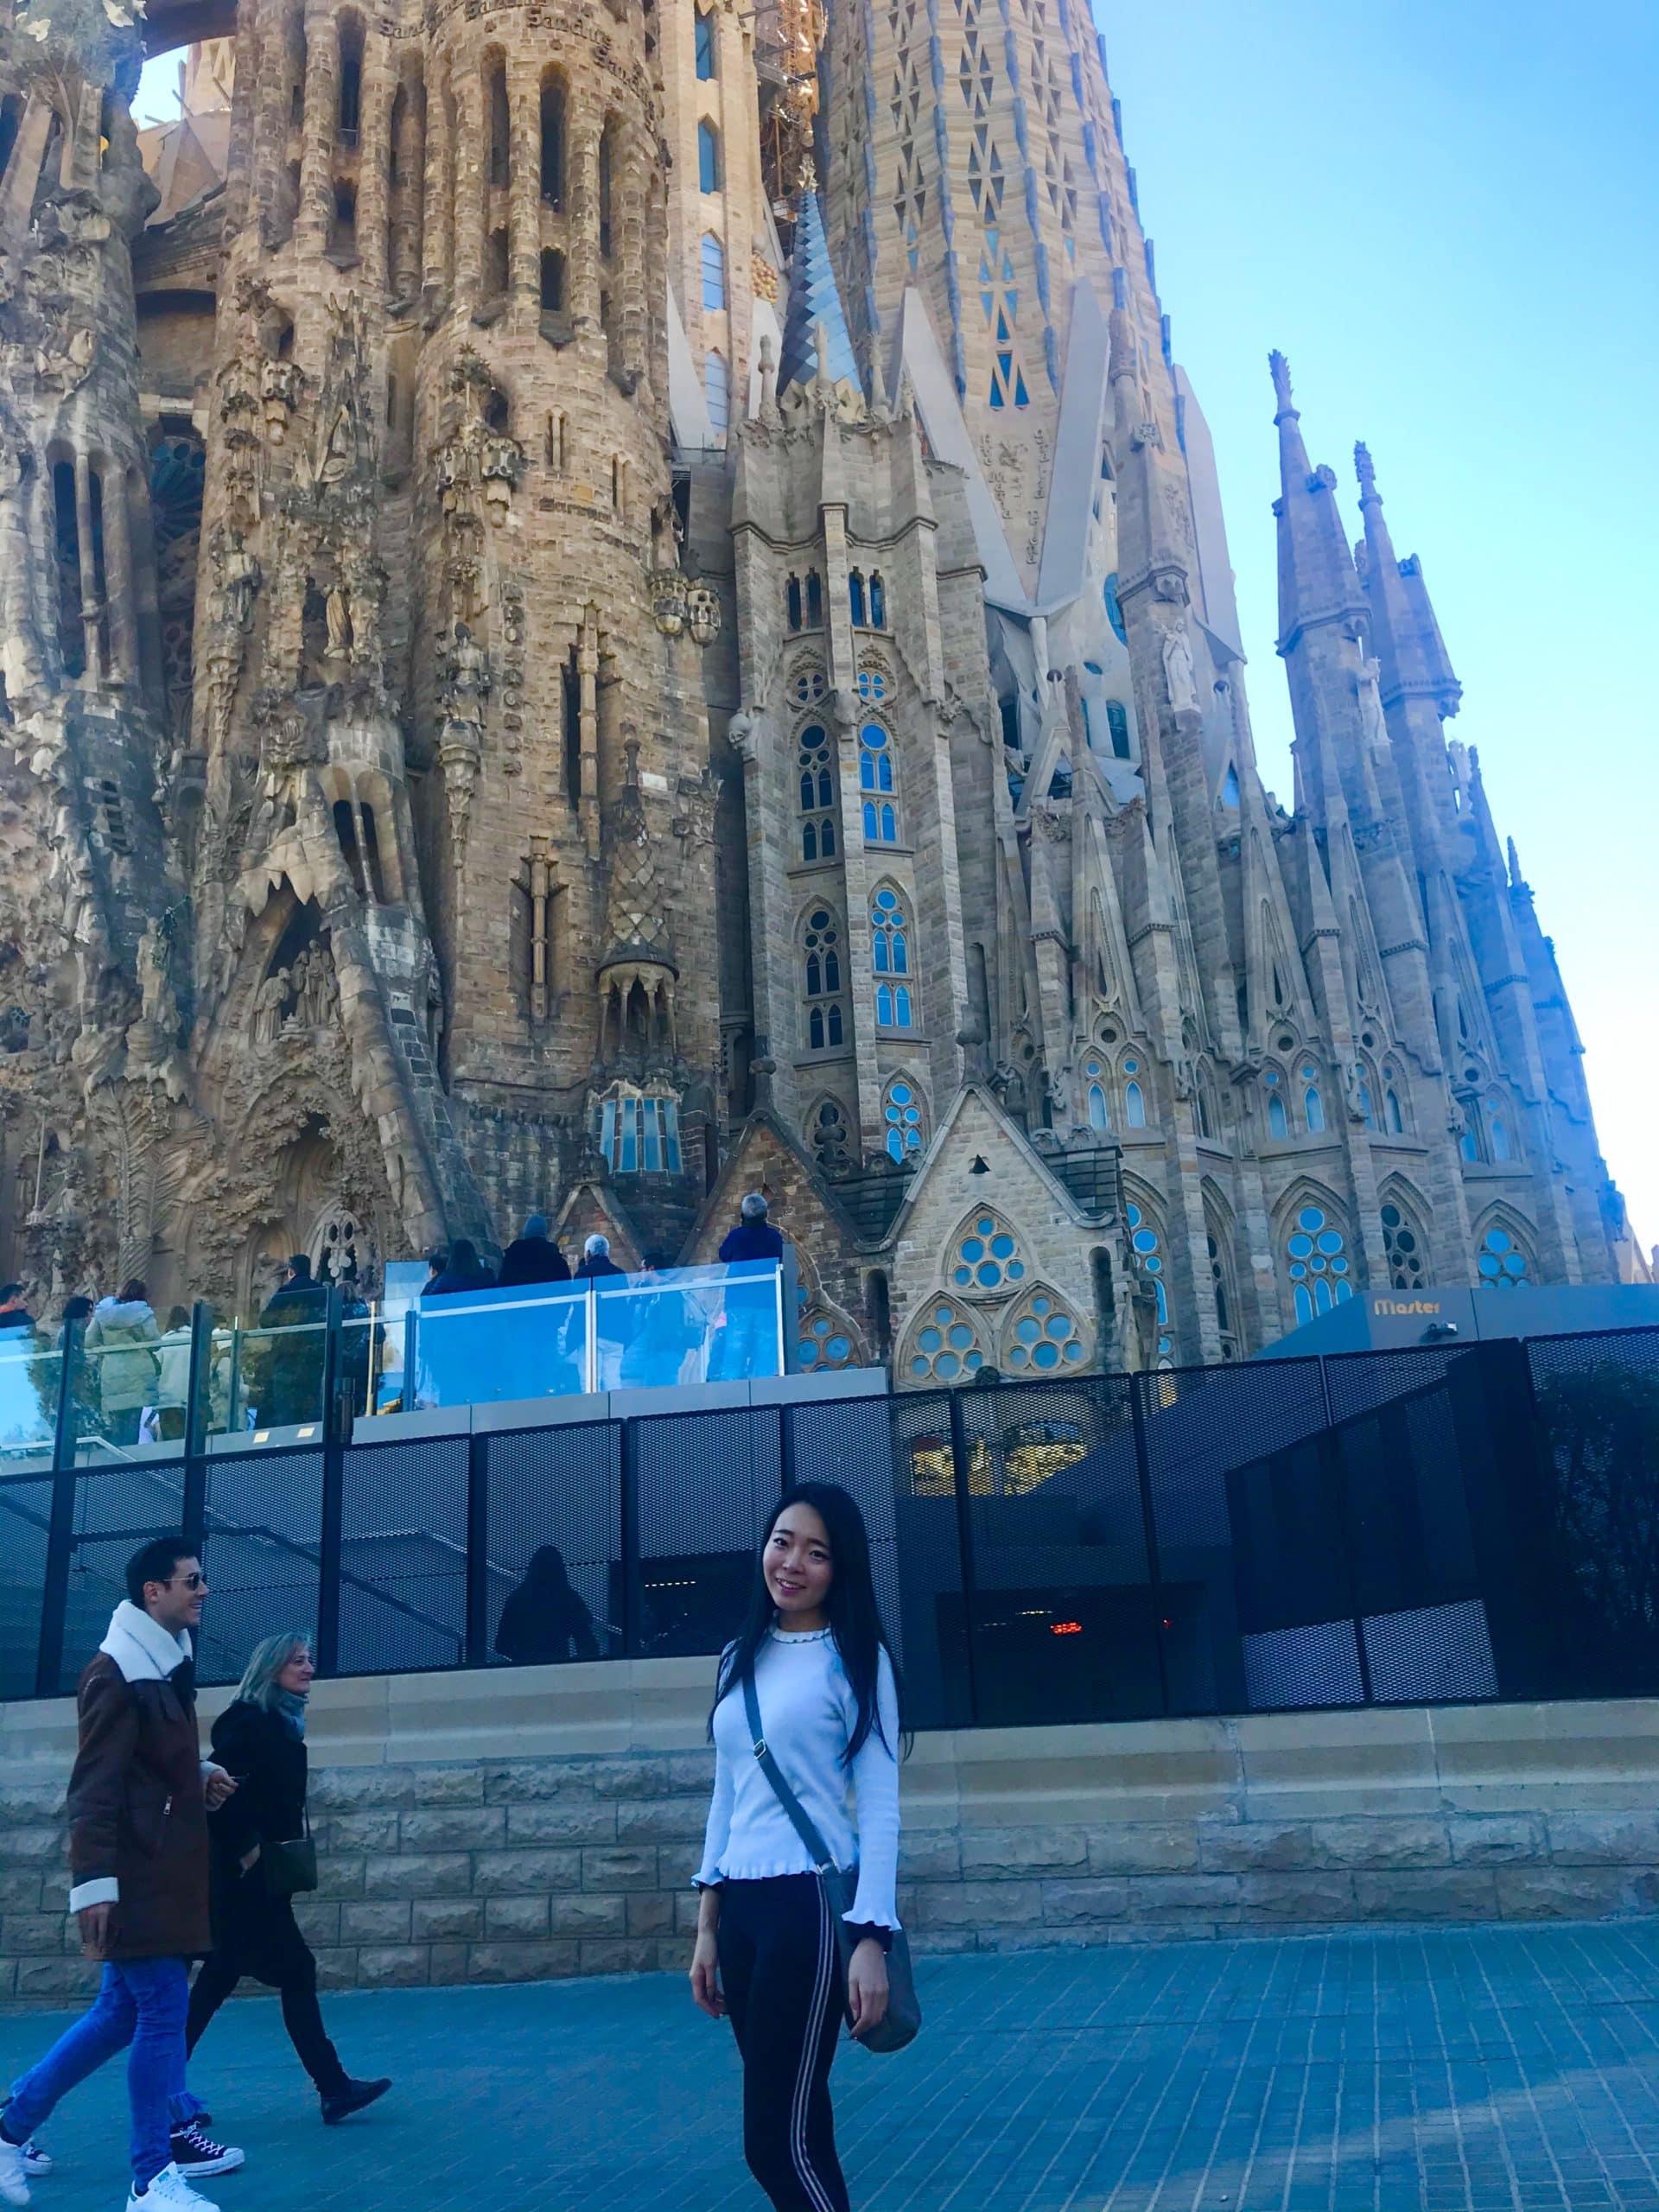 Barcelona Travel, January 2020